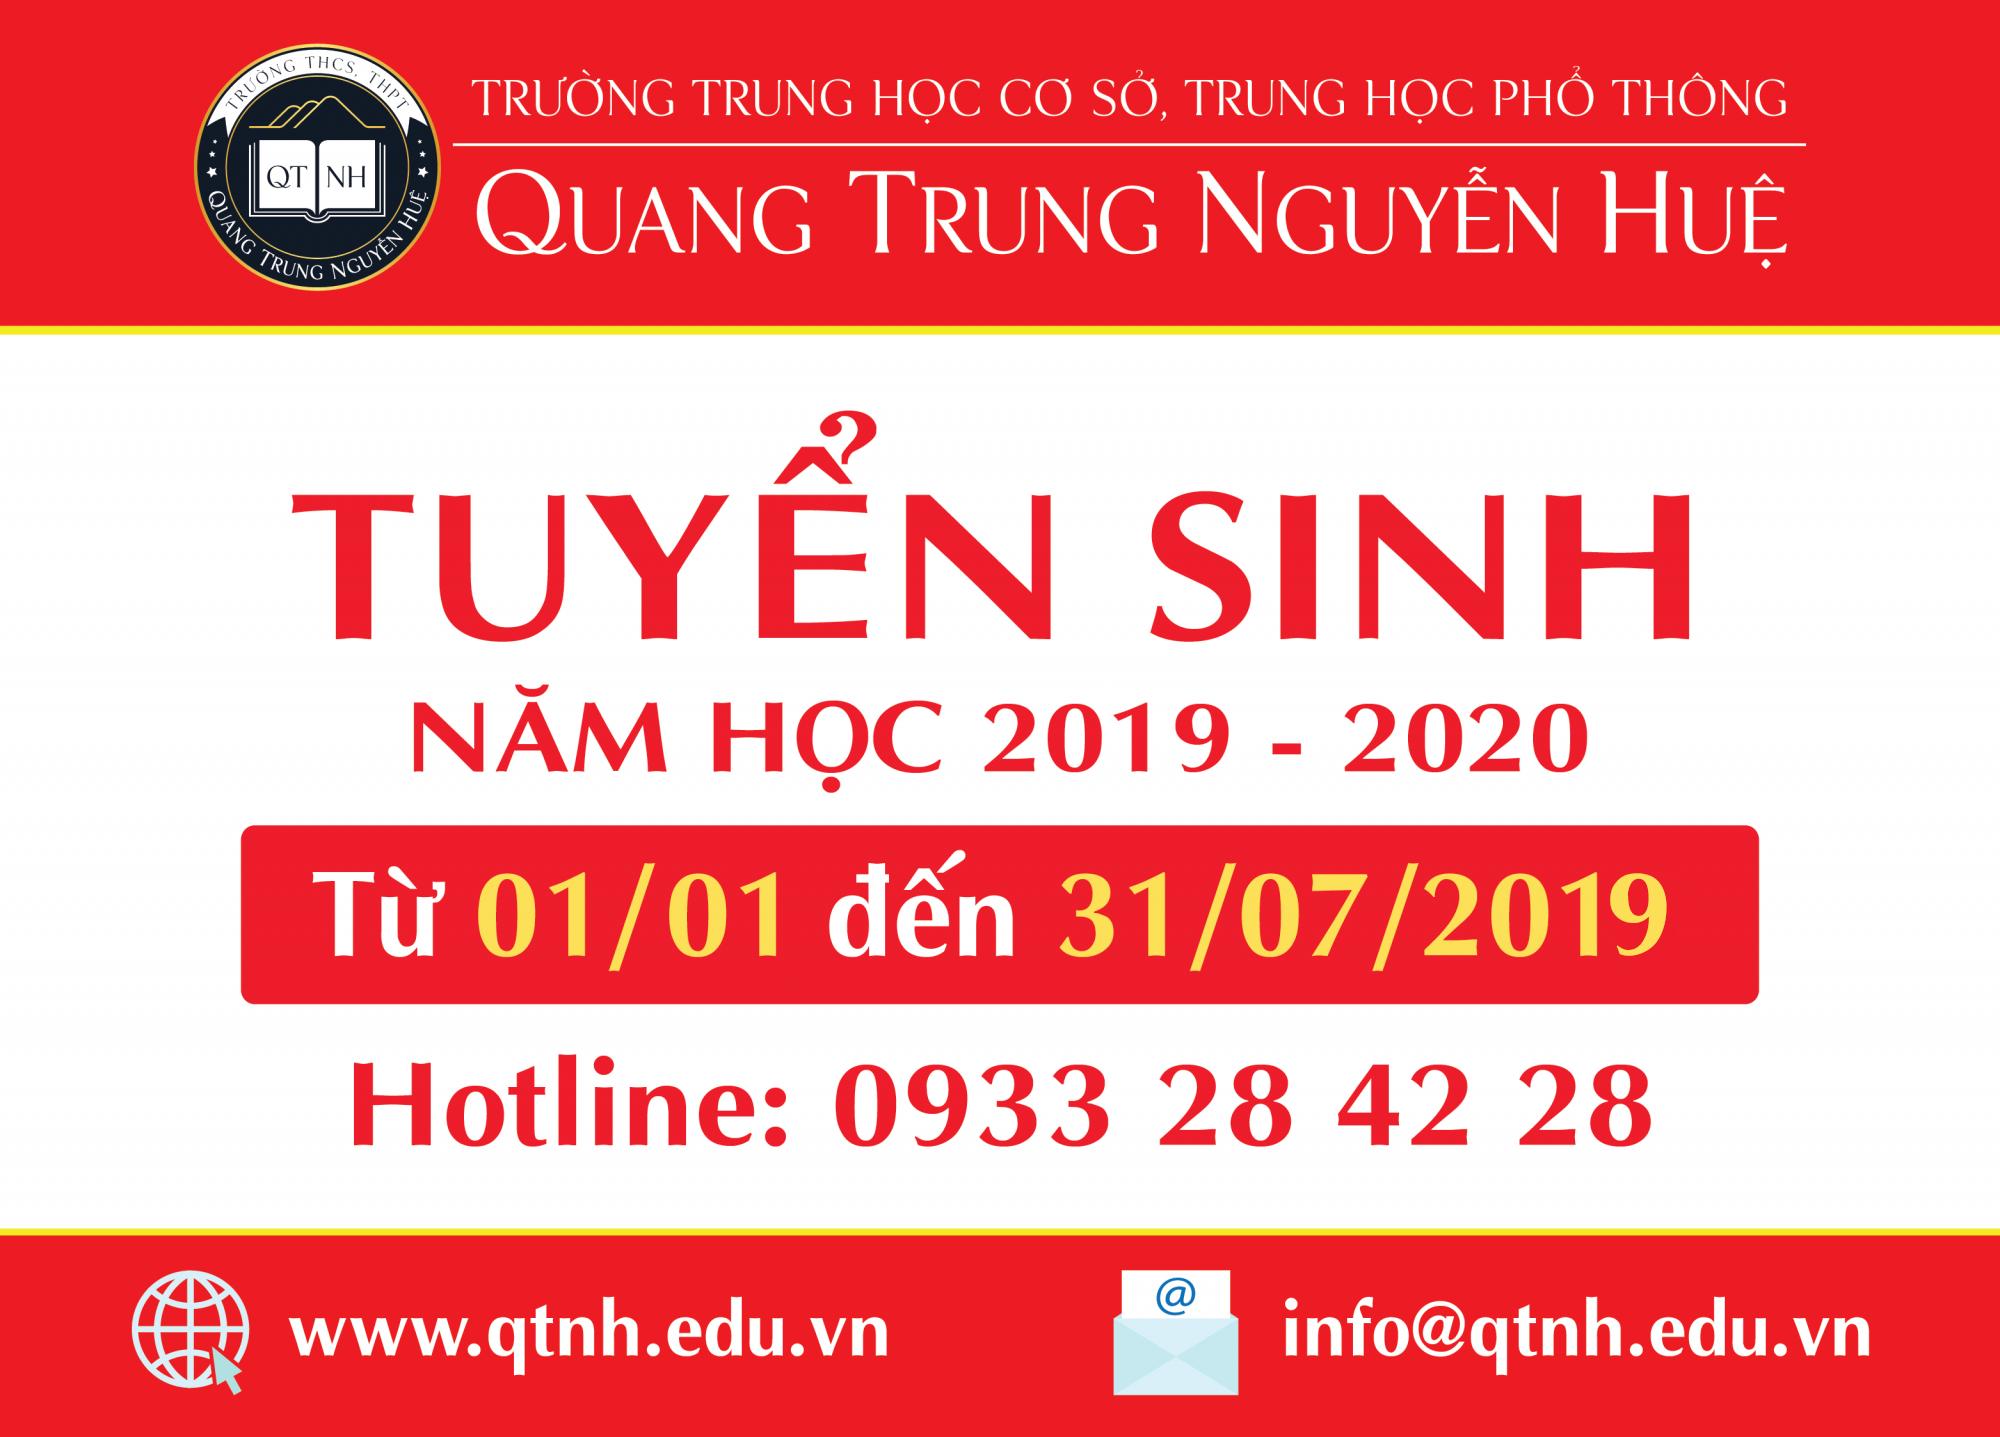 Tuyển sinh năm học 2019 - 2020